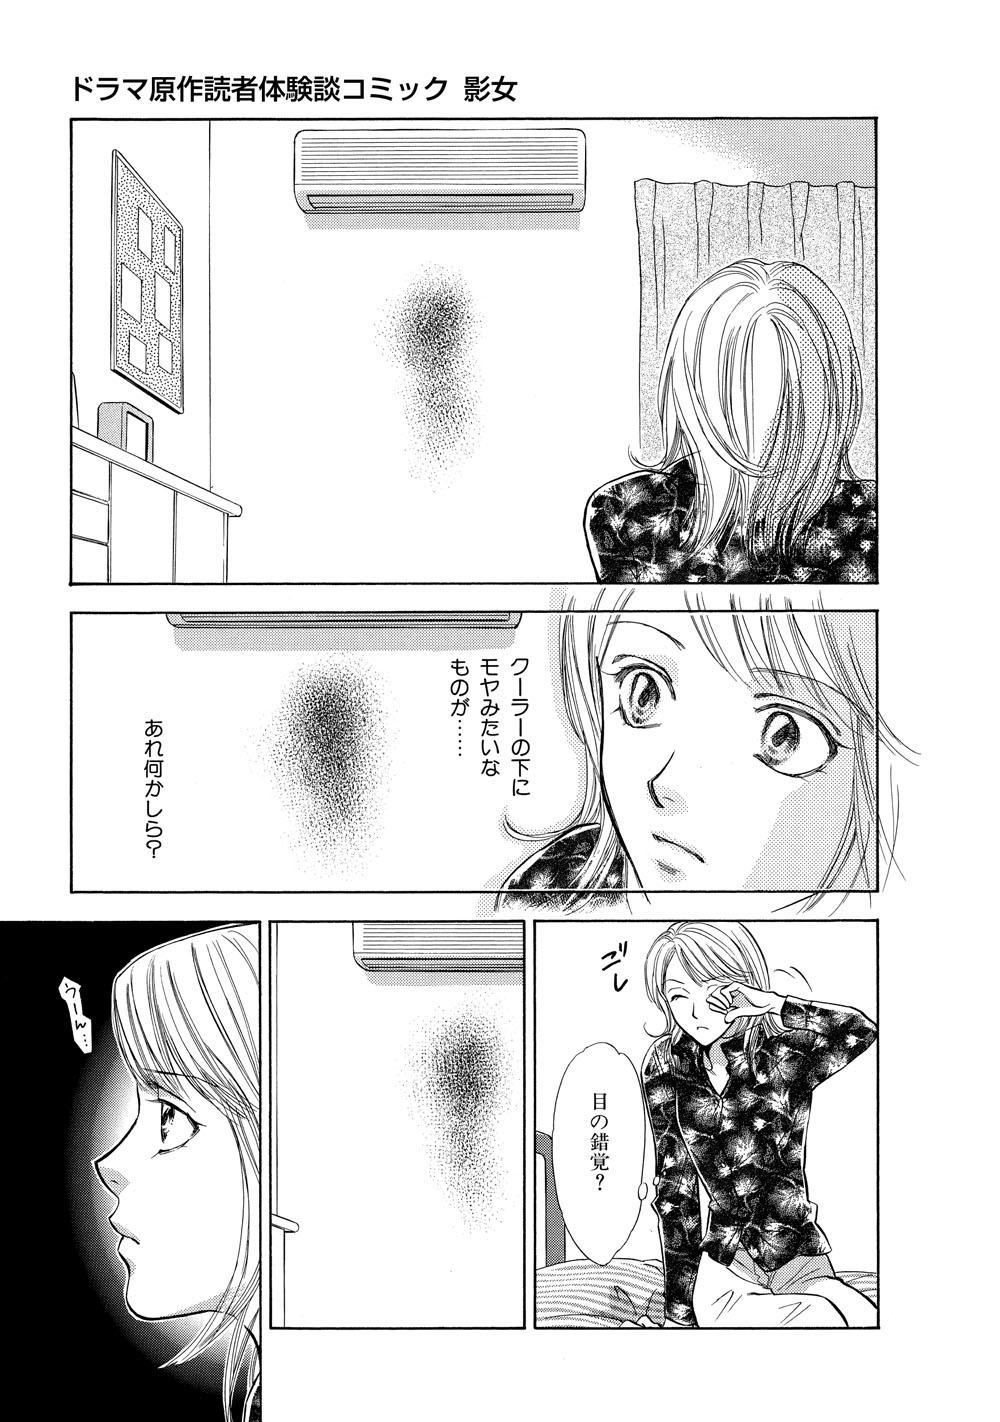 テレビ版_ほん怖_287.jpg